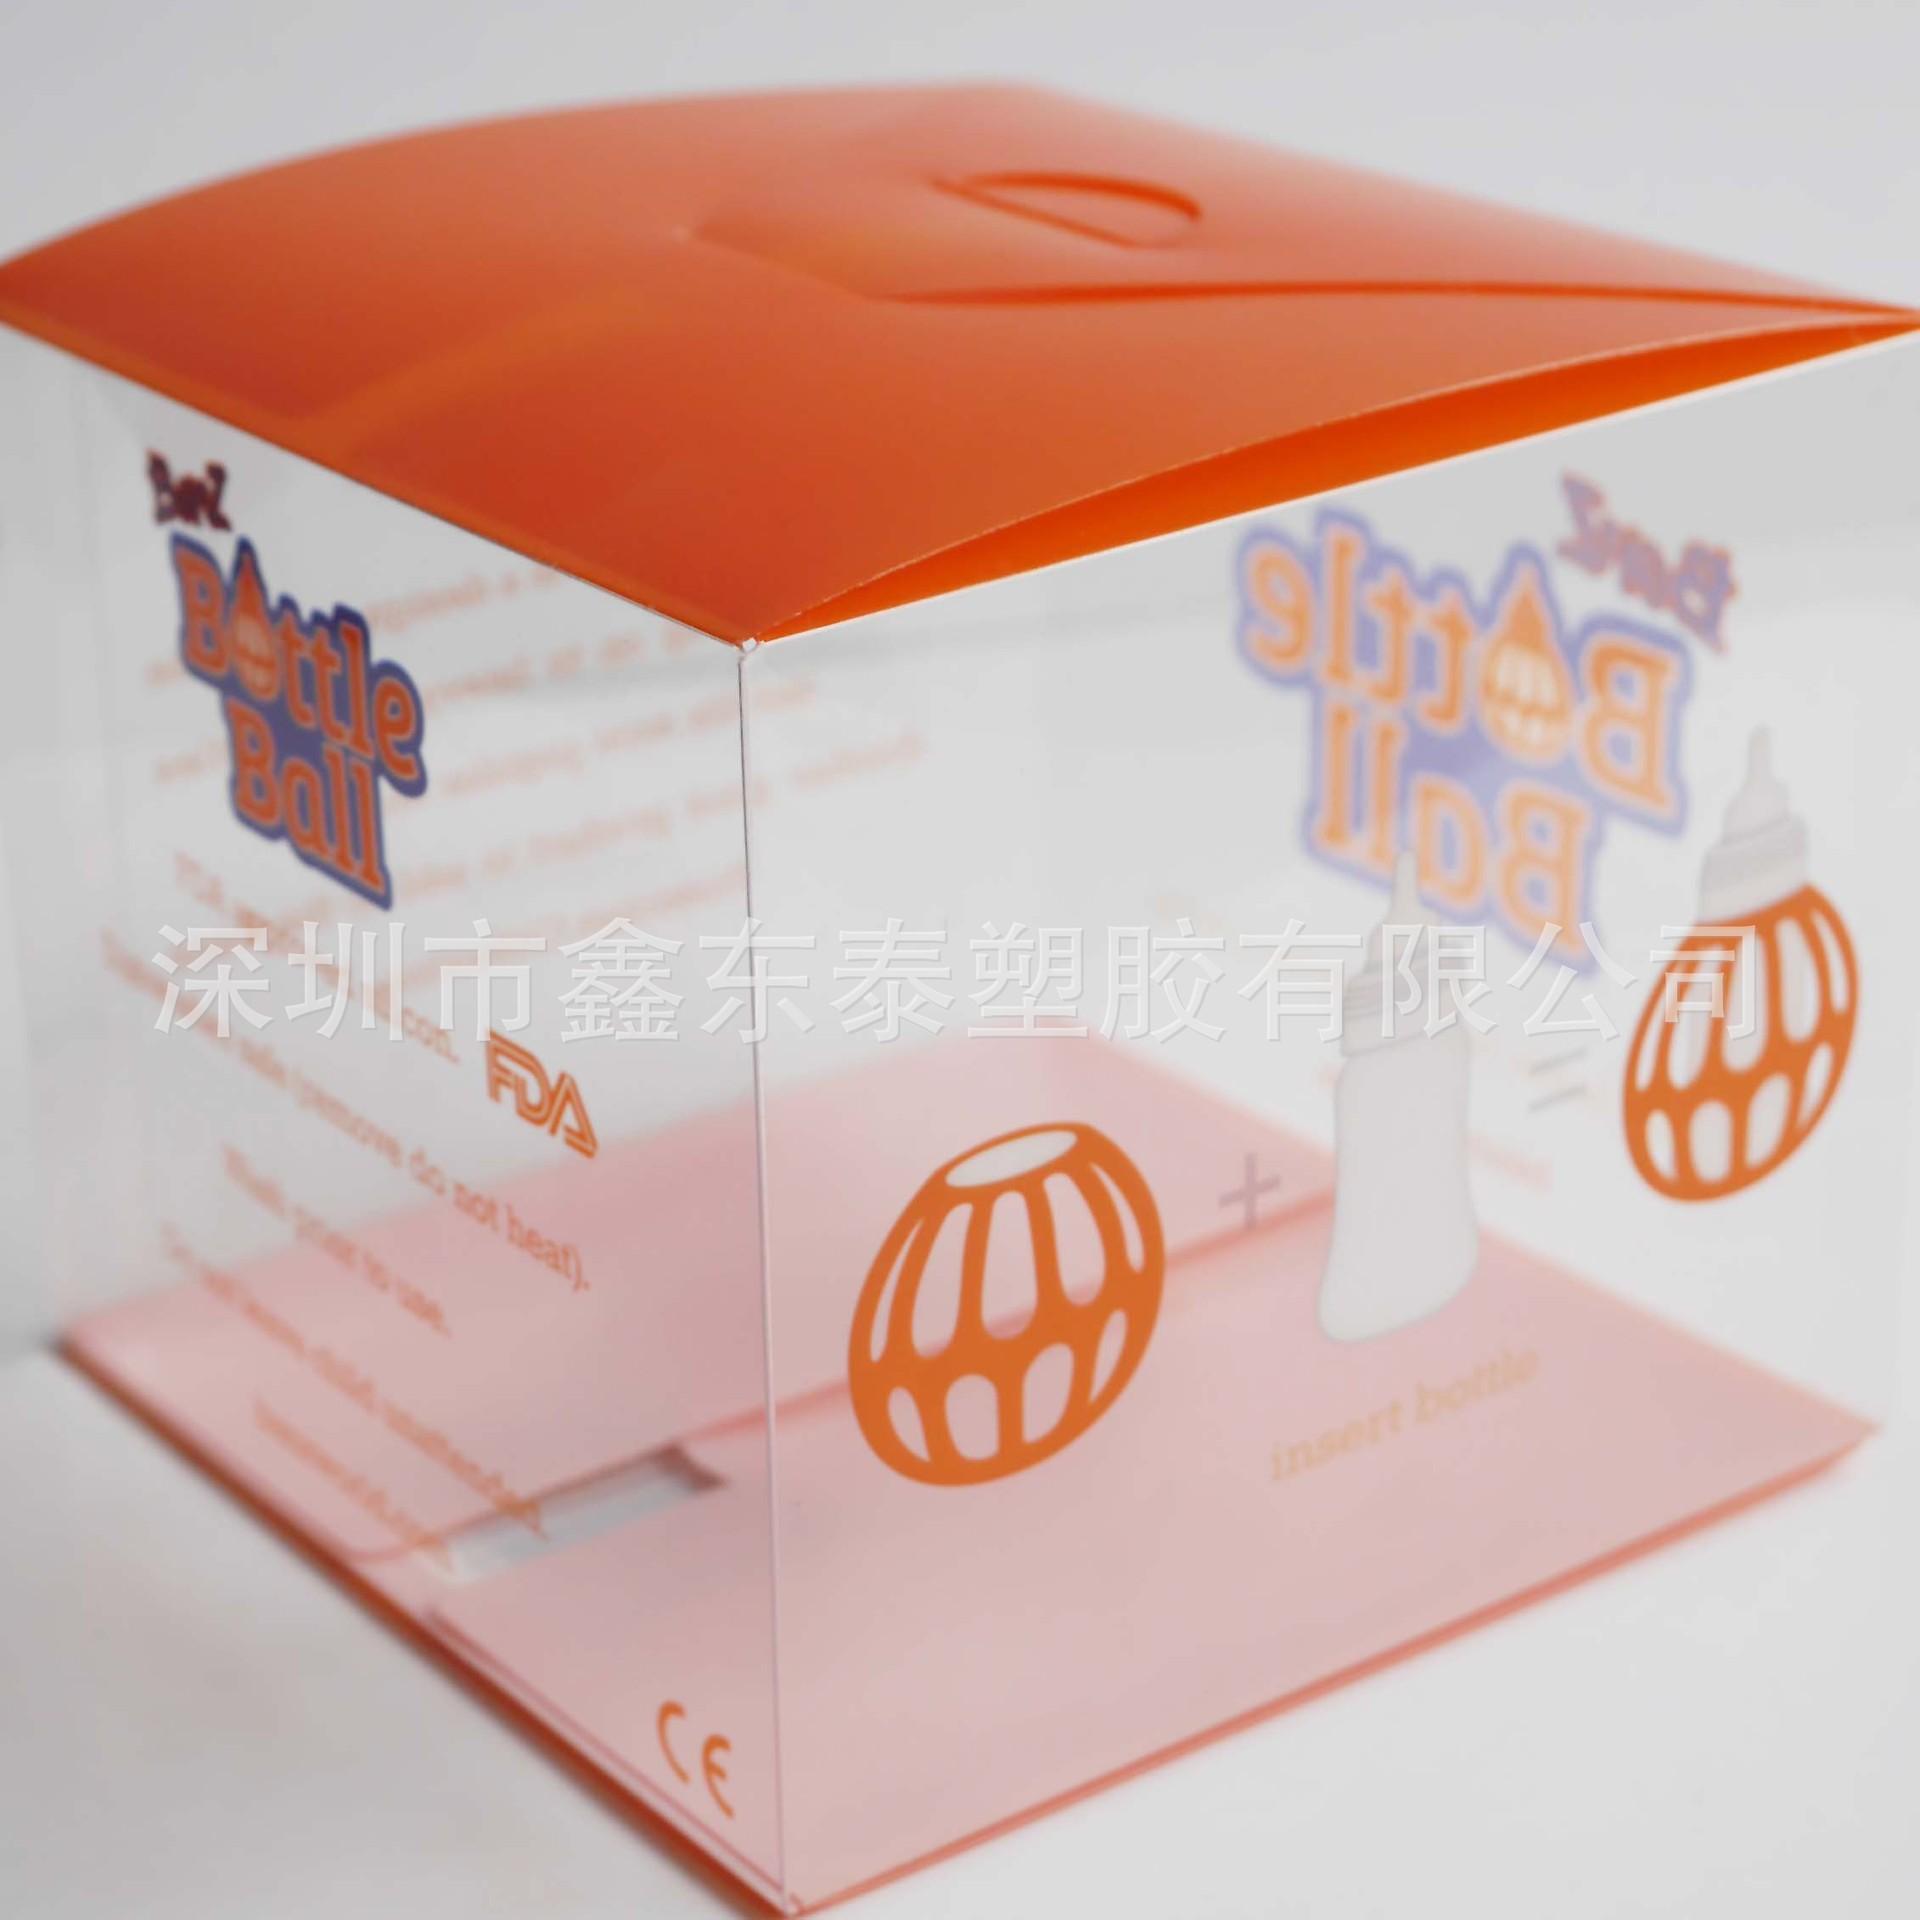 鑫东泰塑料包装盒PVC天地盖包装盒长方形塑料礼品盒批发透明吸塑